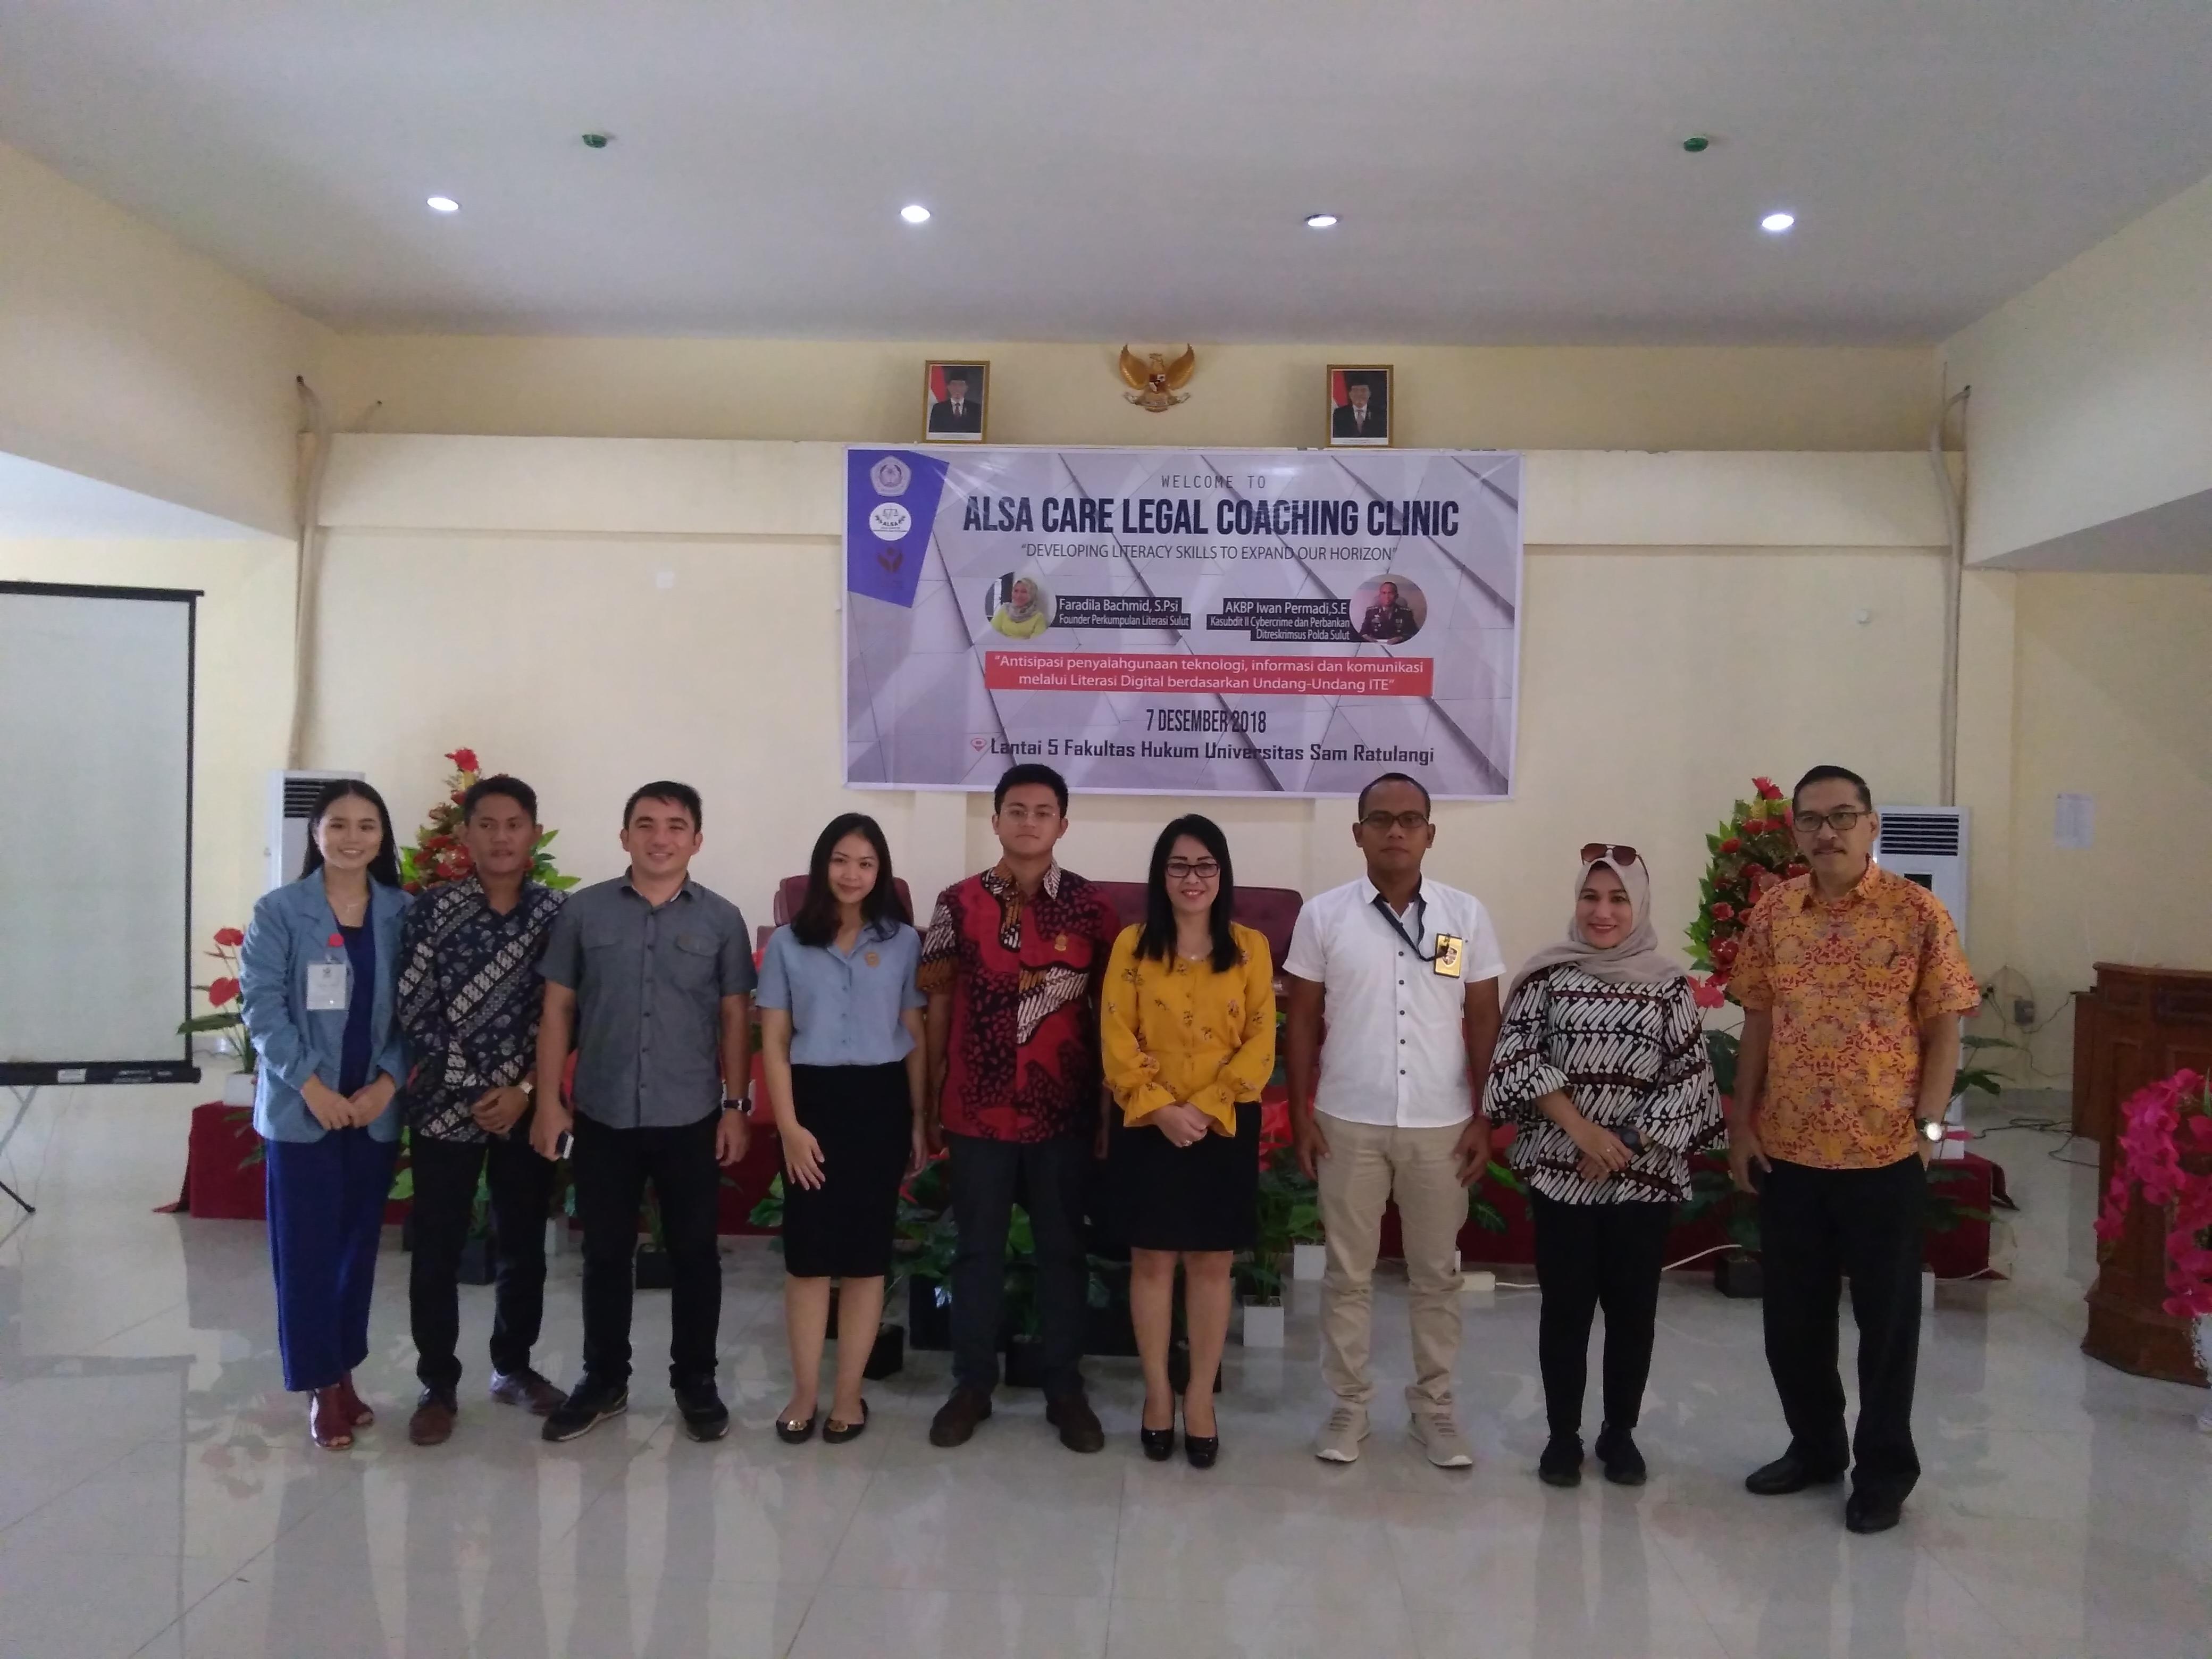 Foto Bersama Dekan, Pembicara, dan jajarang kepengurudan ALSA